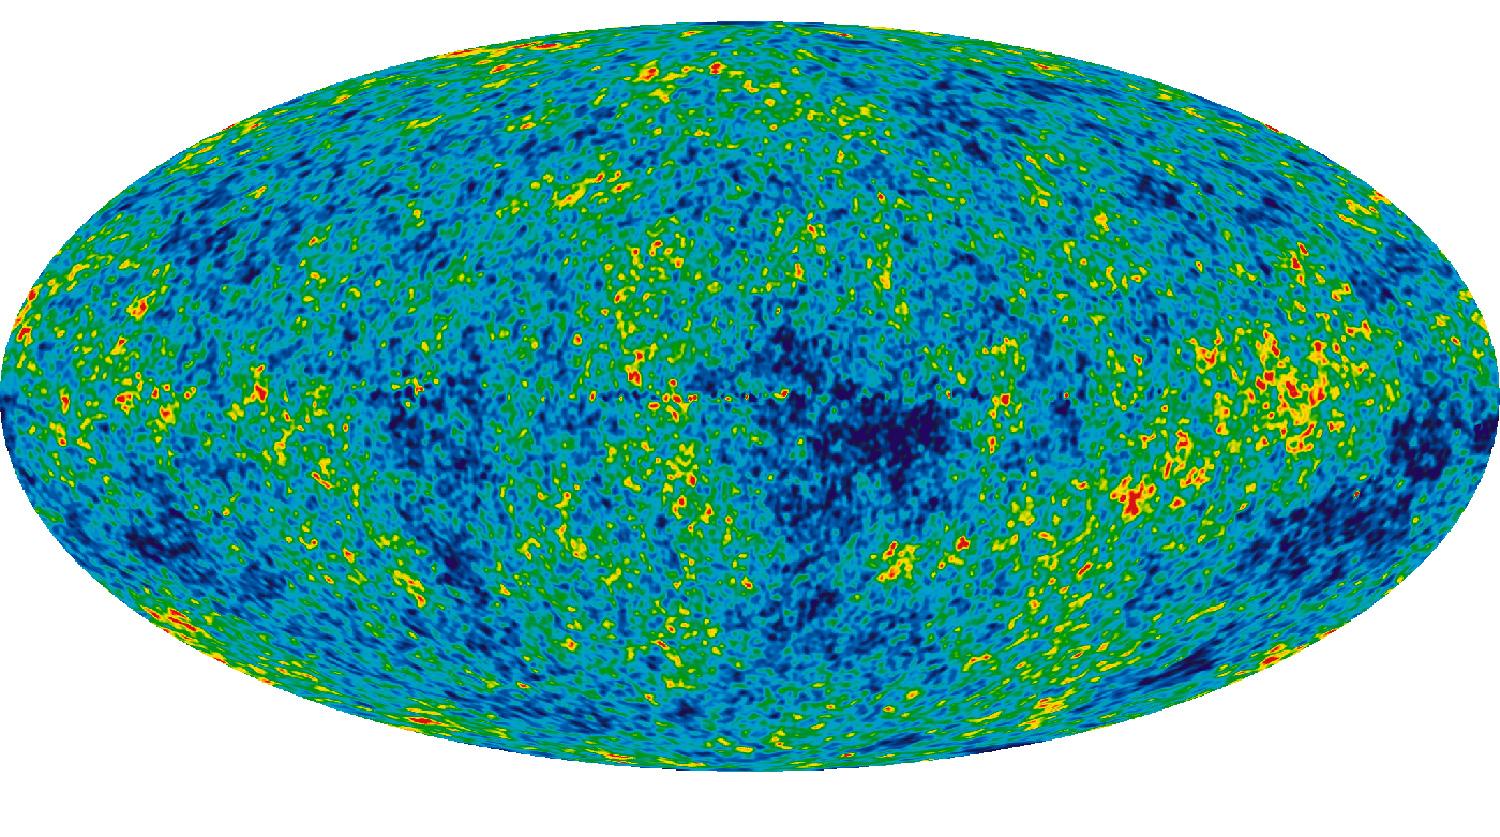 Премию Breakthrough Prize пофизике вручили закарту ранней Вселенной